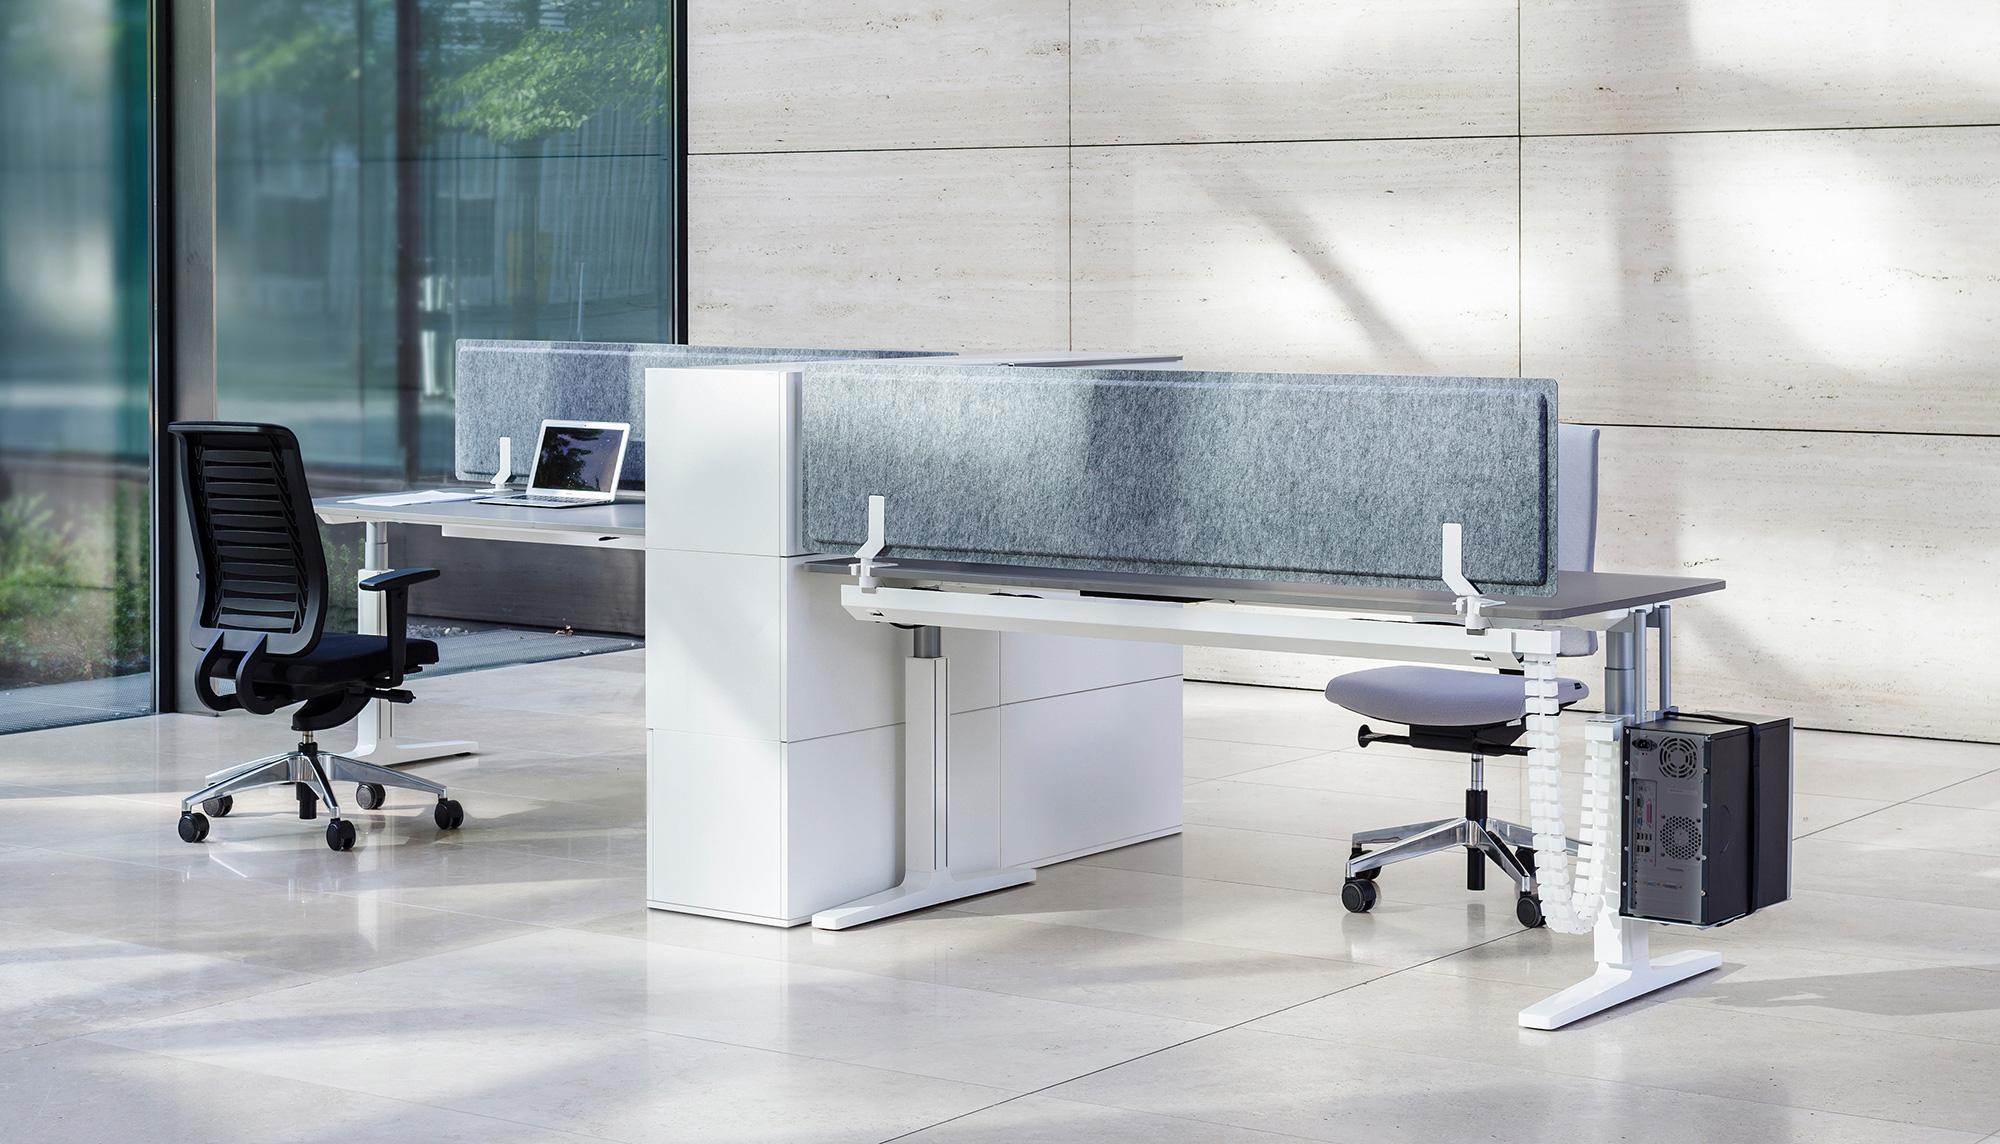 Das System Ist Erweiterbar Mit Den VARIO PET PORT Sichtschutzblenden, Die  Mit Allen VARIO Tischsystemen Kombinierbar Sind. Die Wandpaneele Sind  Außerdem Als ...